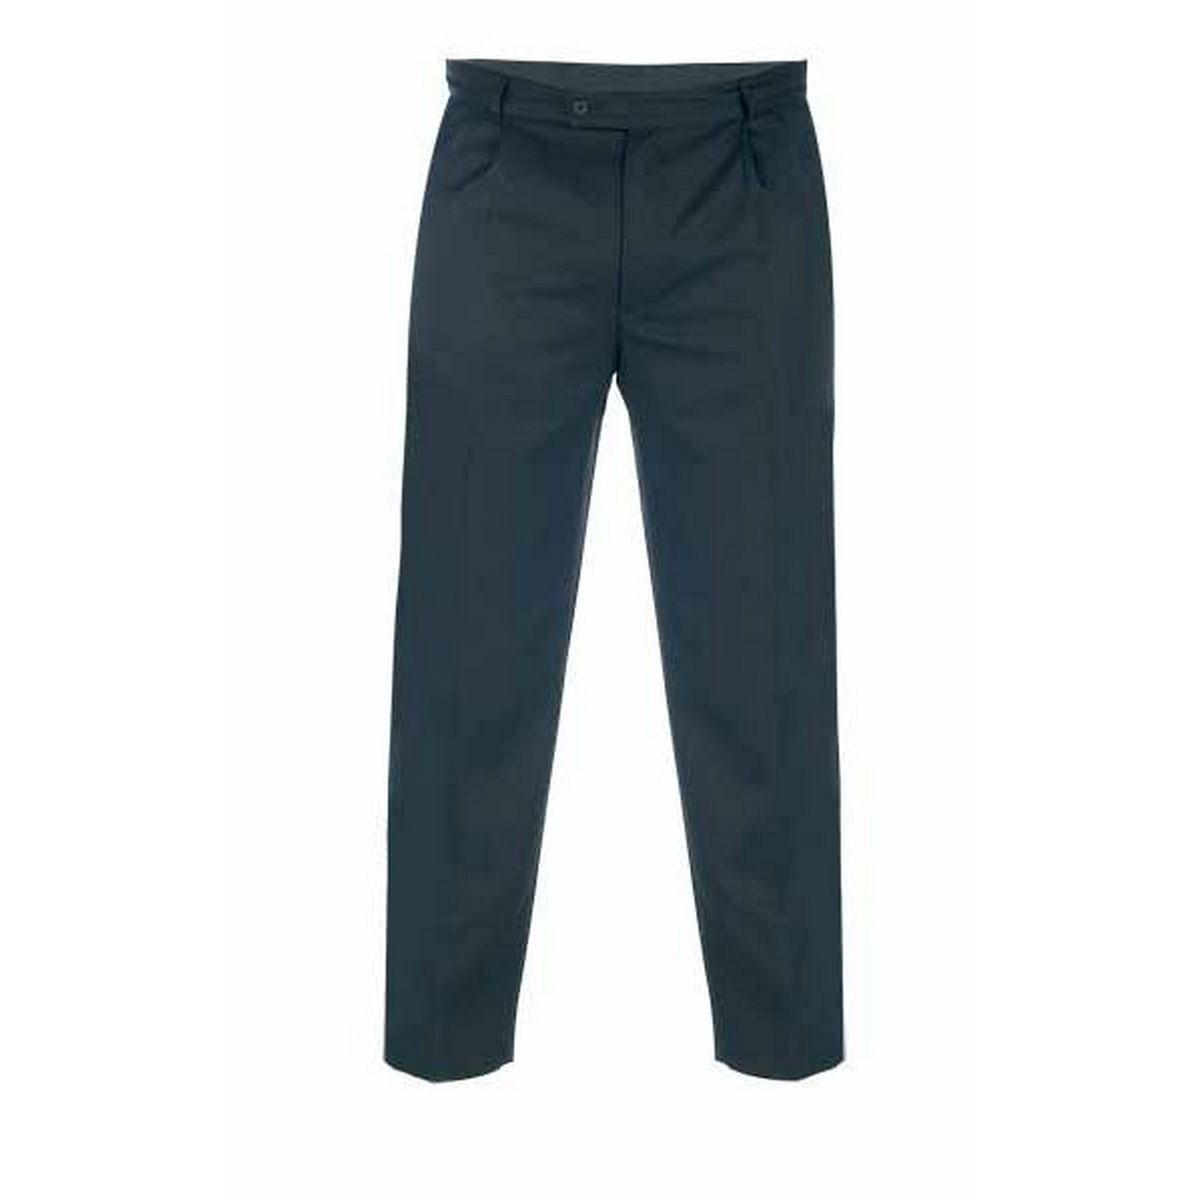 Pantalon LONDON WALLIS